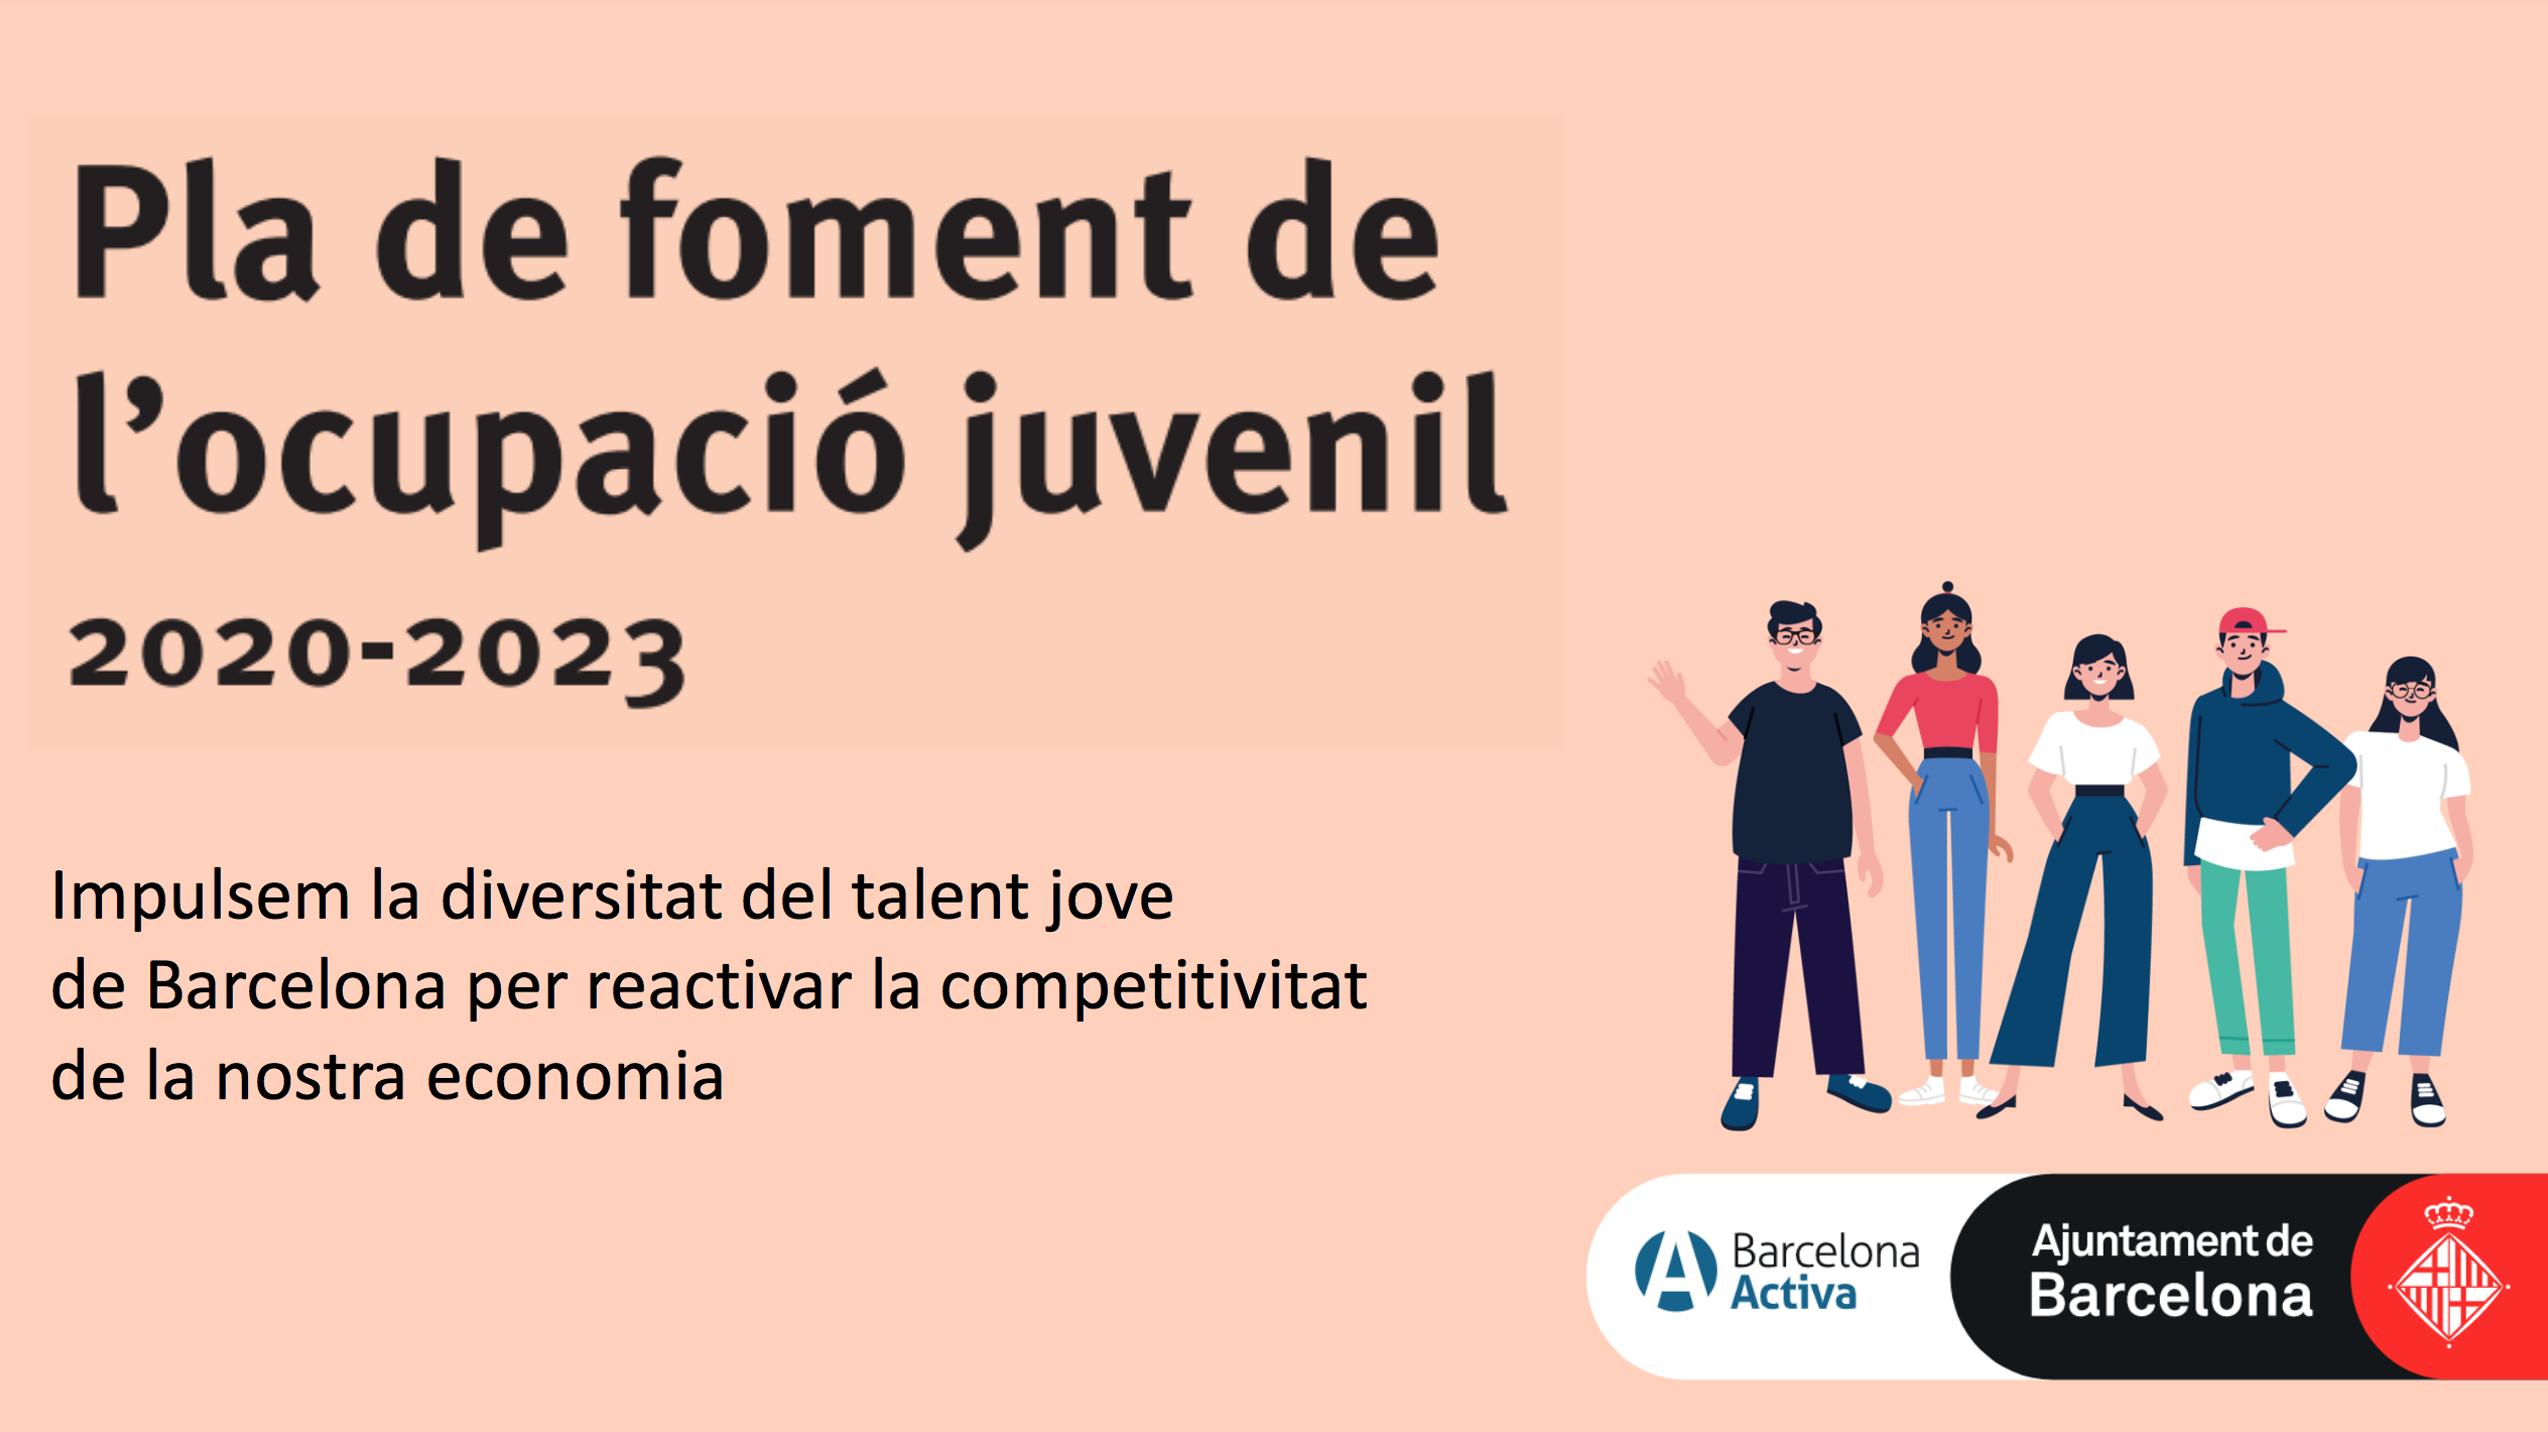 Plan de fomento del empleo juvenil 2020-2023 (Portada presentación)